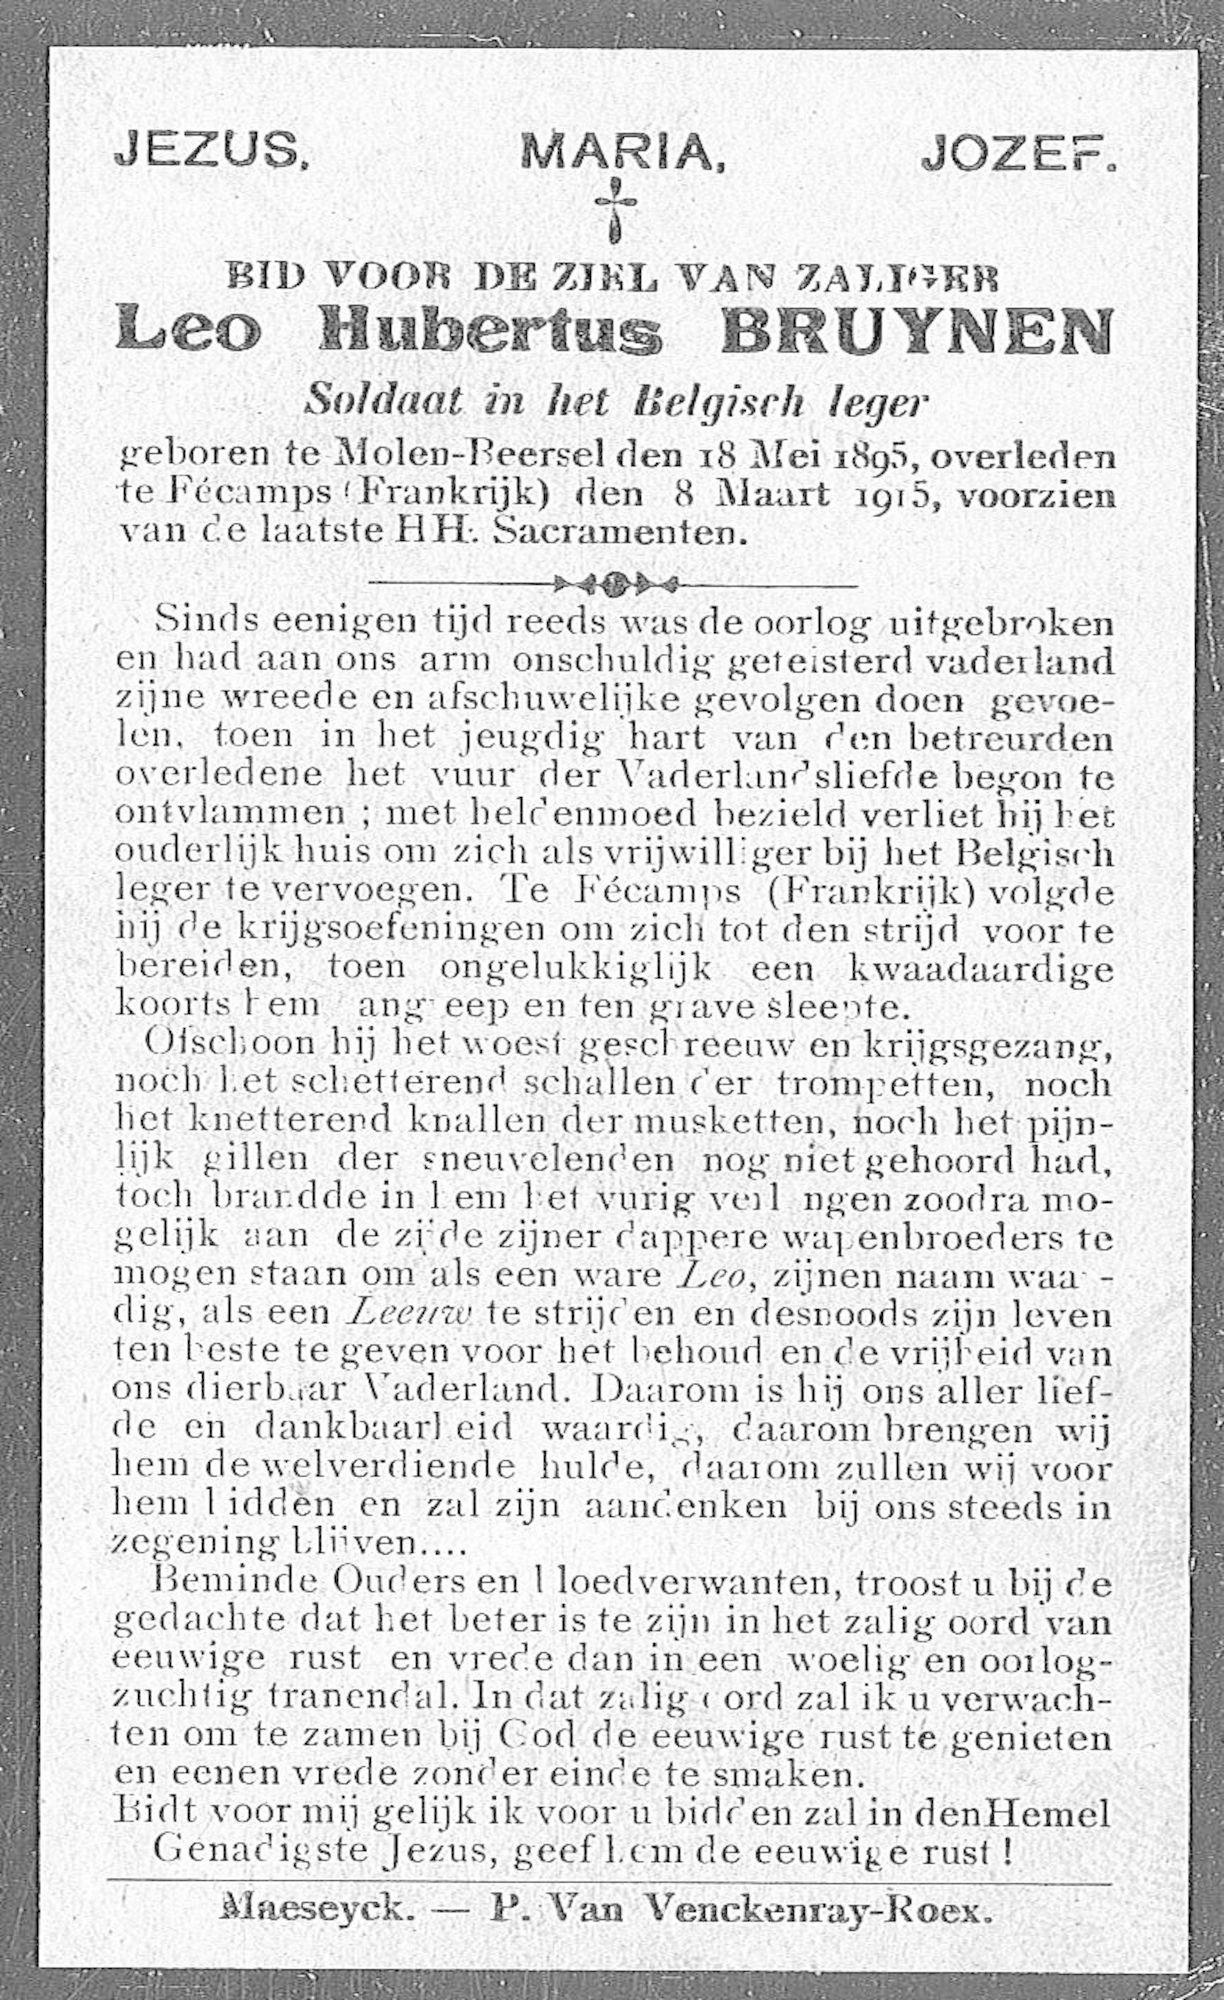 Bruynen Leo Hubertus